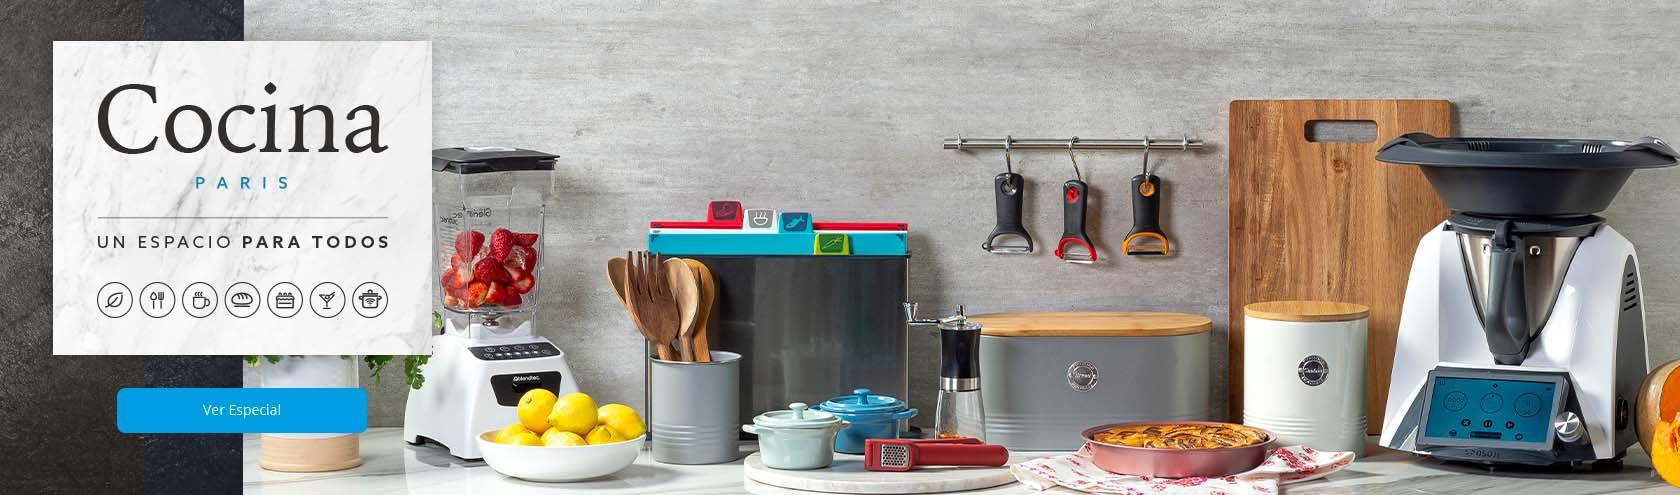 Hasta 50% de descuento en artículos de cocina, ollas, sartenes y cocina inteligente